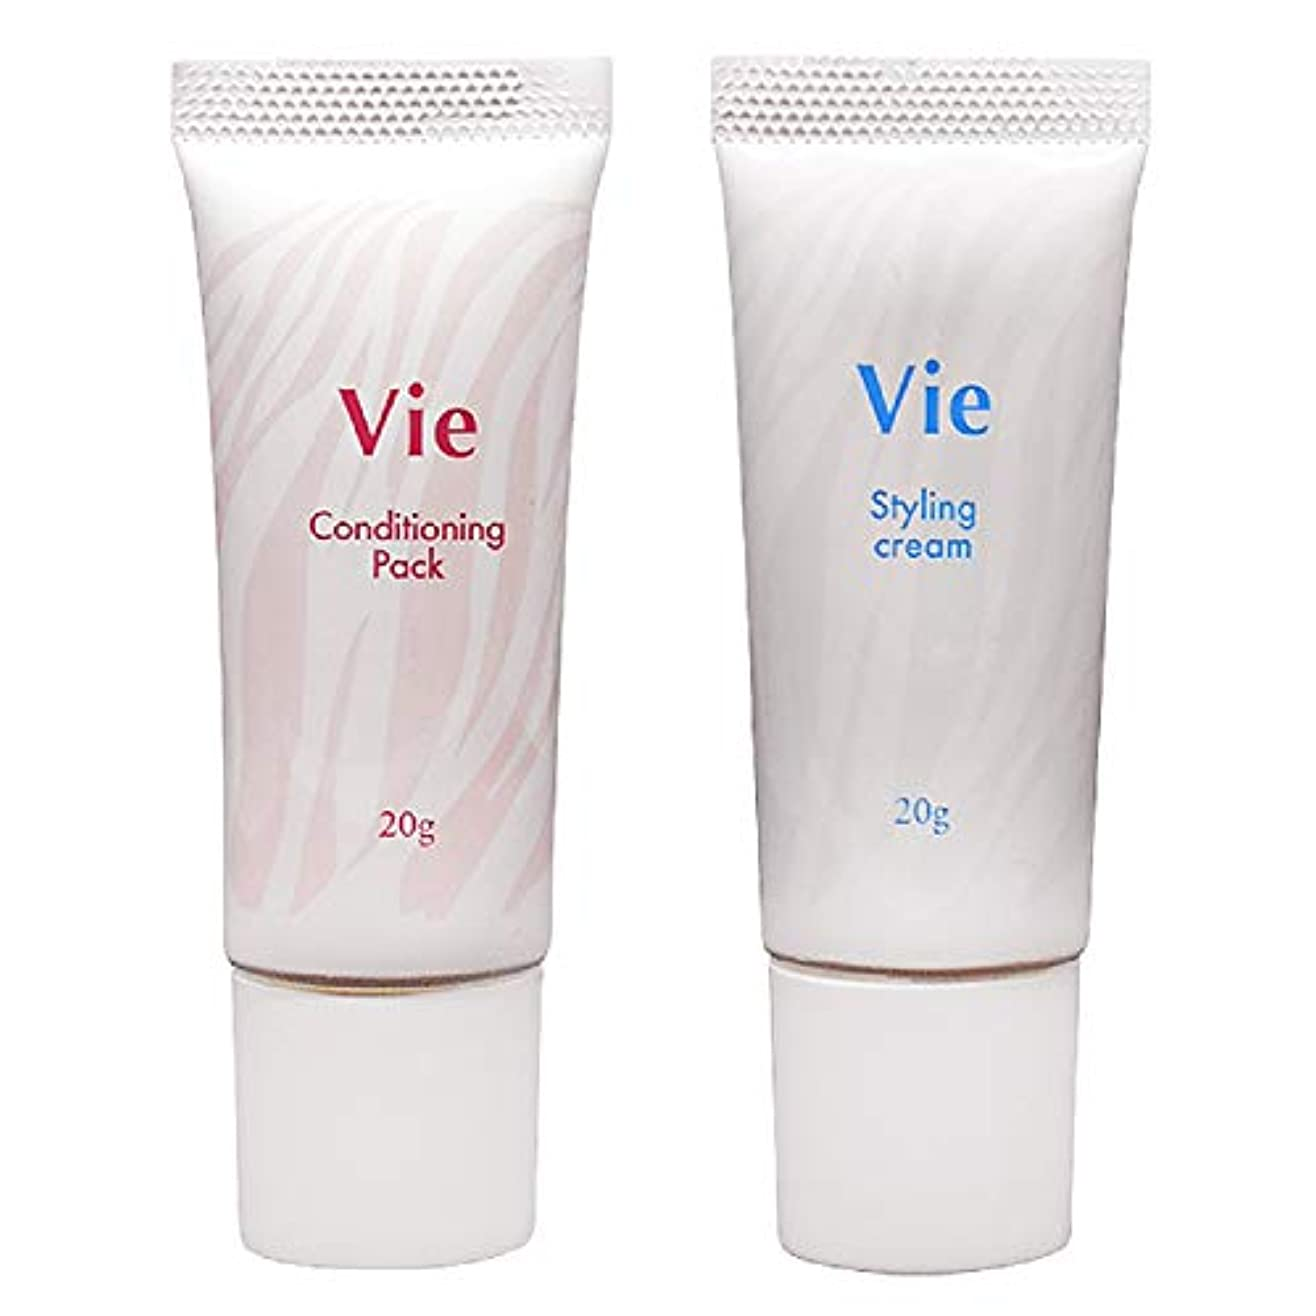 港お客様無視できるVie コンディショニングパック 20g + スタイリングクリーム20g セット